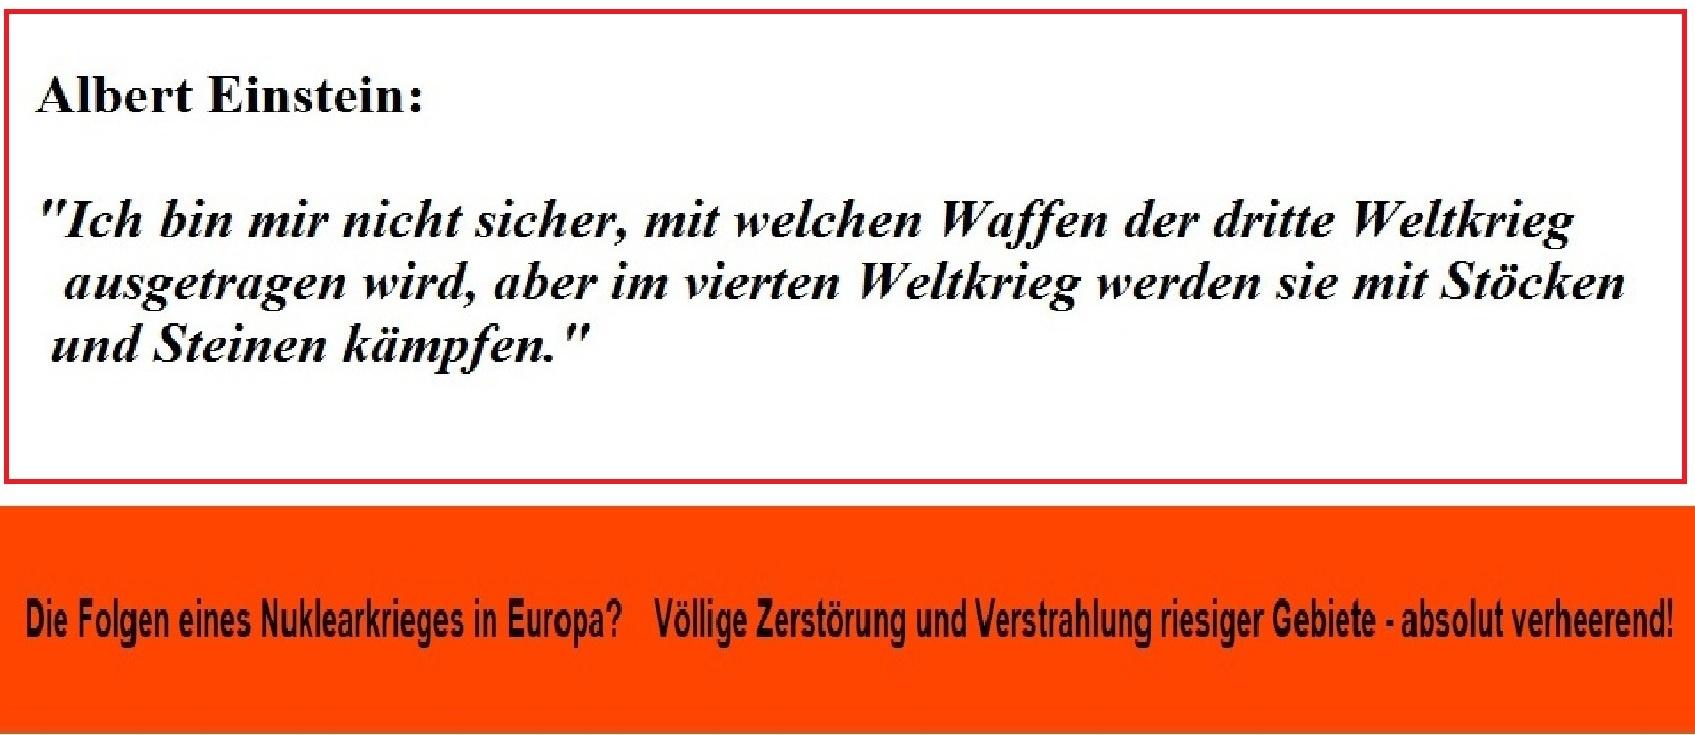 Albert Einstein sagte einmal: Ich bin mir nicht sicher, mit welchen Waffen der dritte Weltkrieg ausgetragen wird, aber im vierten Weltkrieg werden sie mit Stöcken und Steinen kämpfen. | Die Folgen eines Atomkrieges in Europa absolut verheerend! Statt einer Konfrontationspolitik eine Politik des Friedens - Für eine gesamt-europäische Sicherheitsordnung mit Russland!